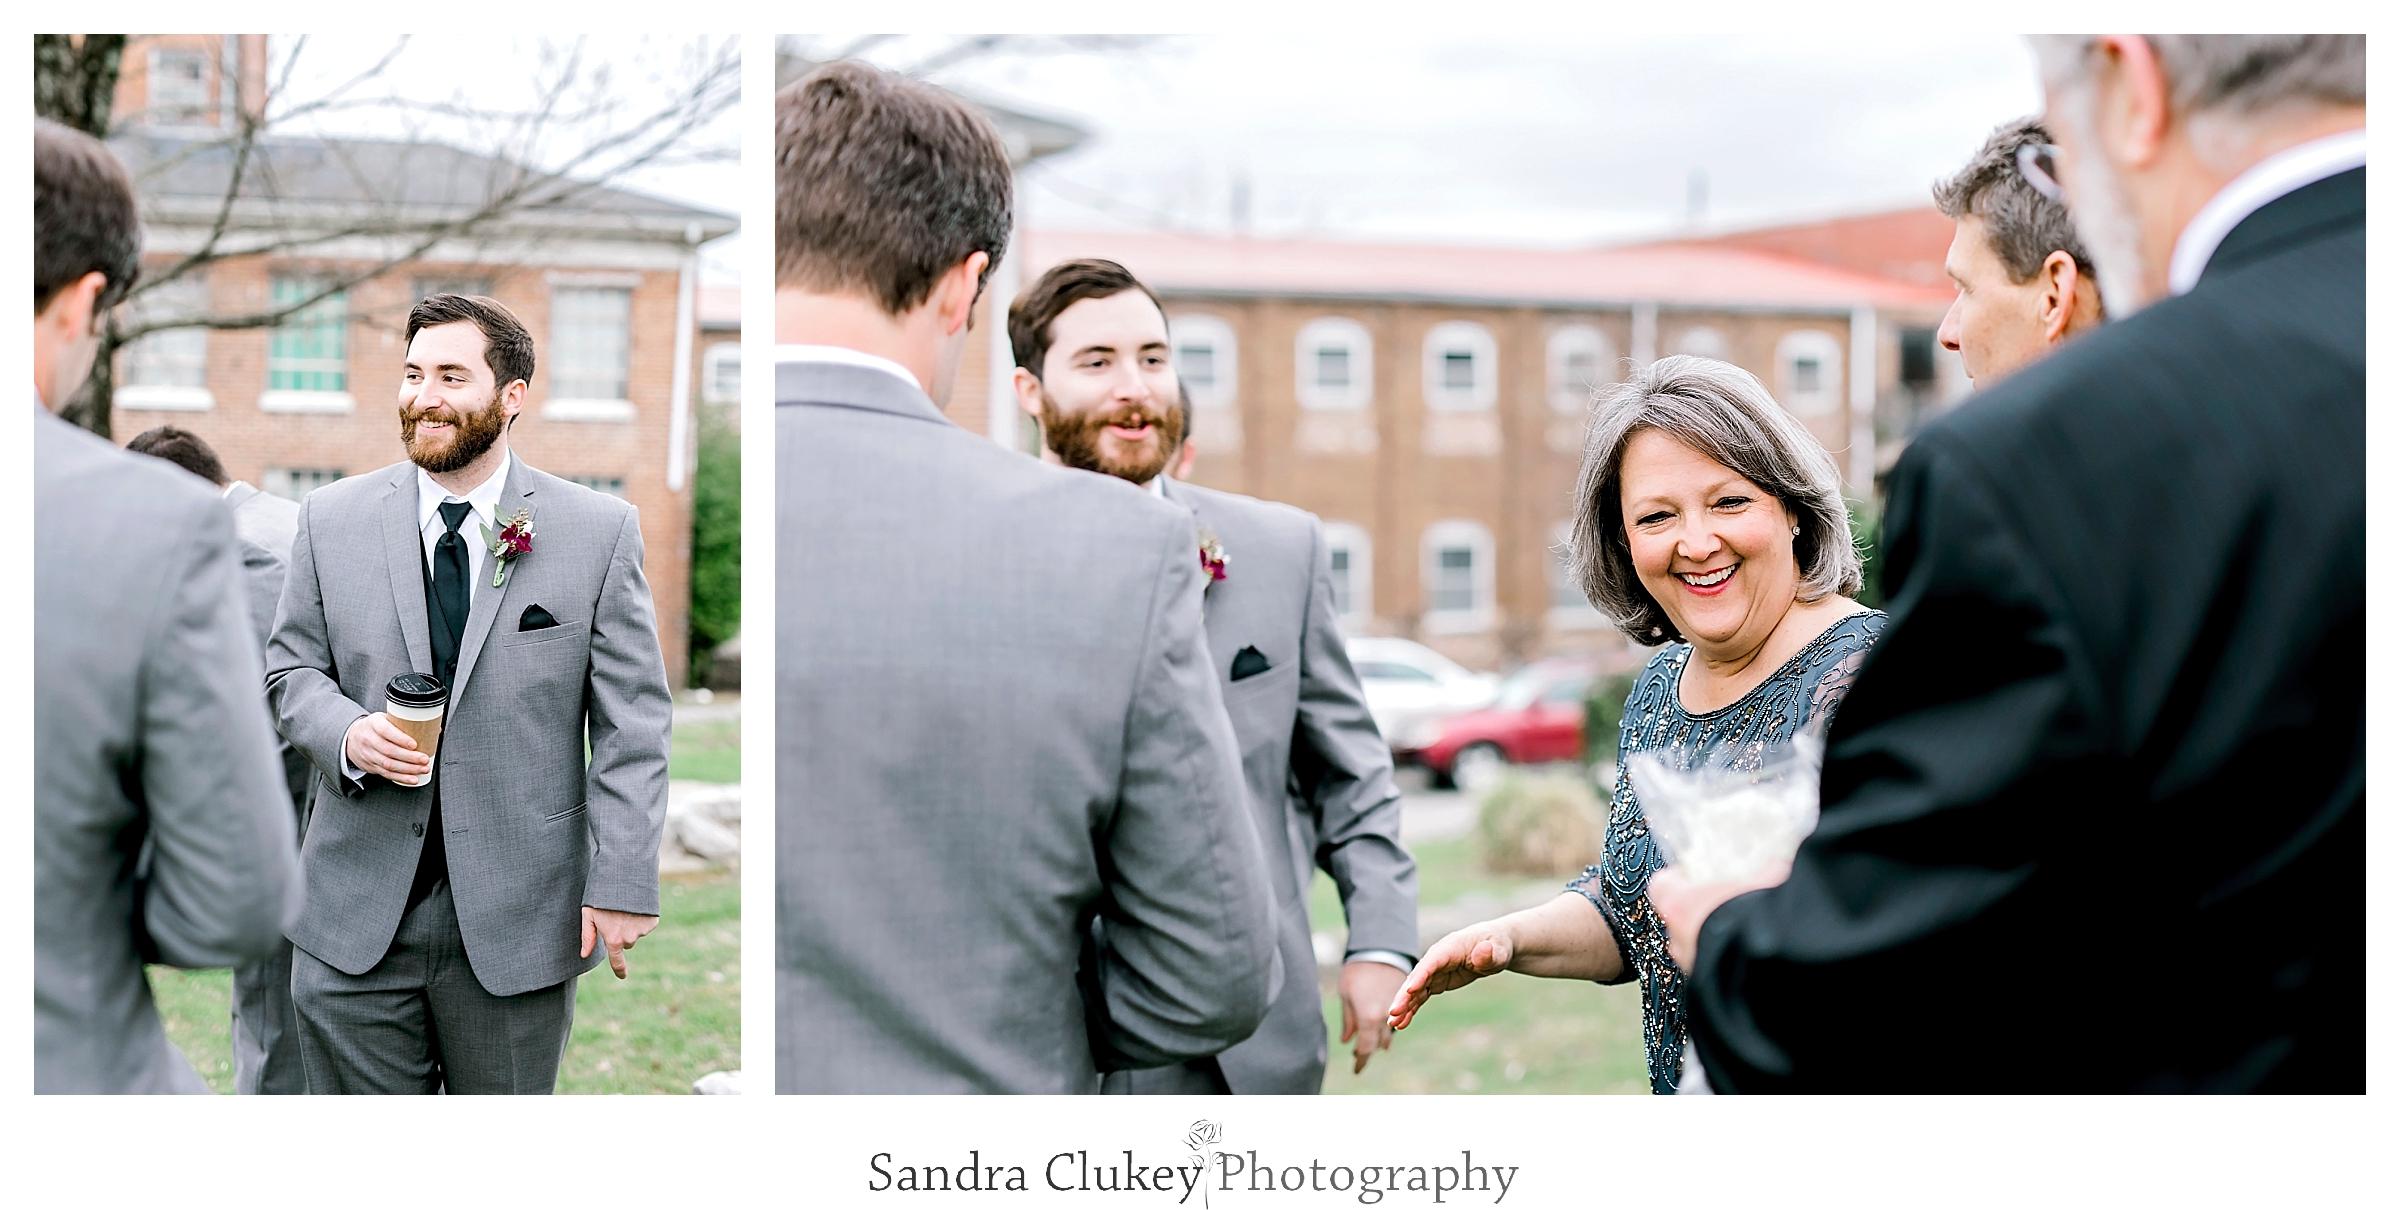 Sandra Clukey Photography_1491.jpg